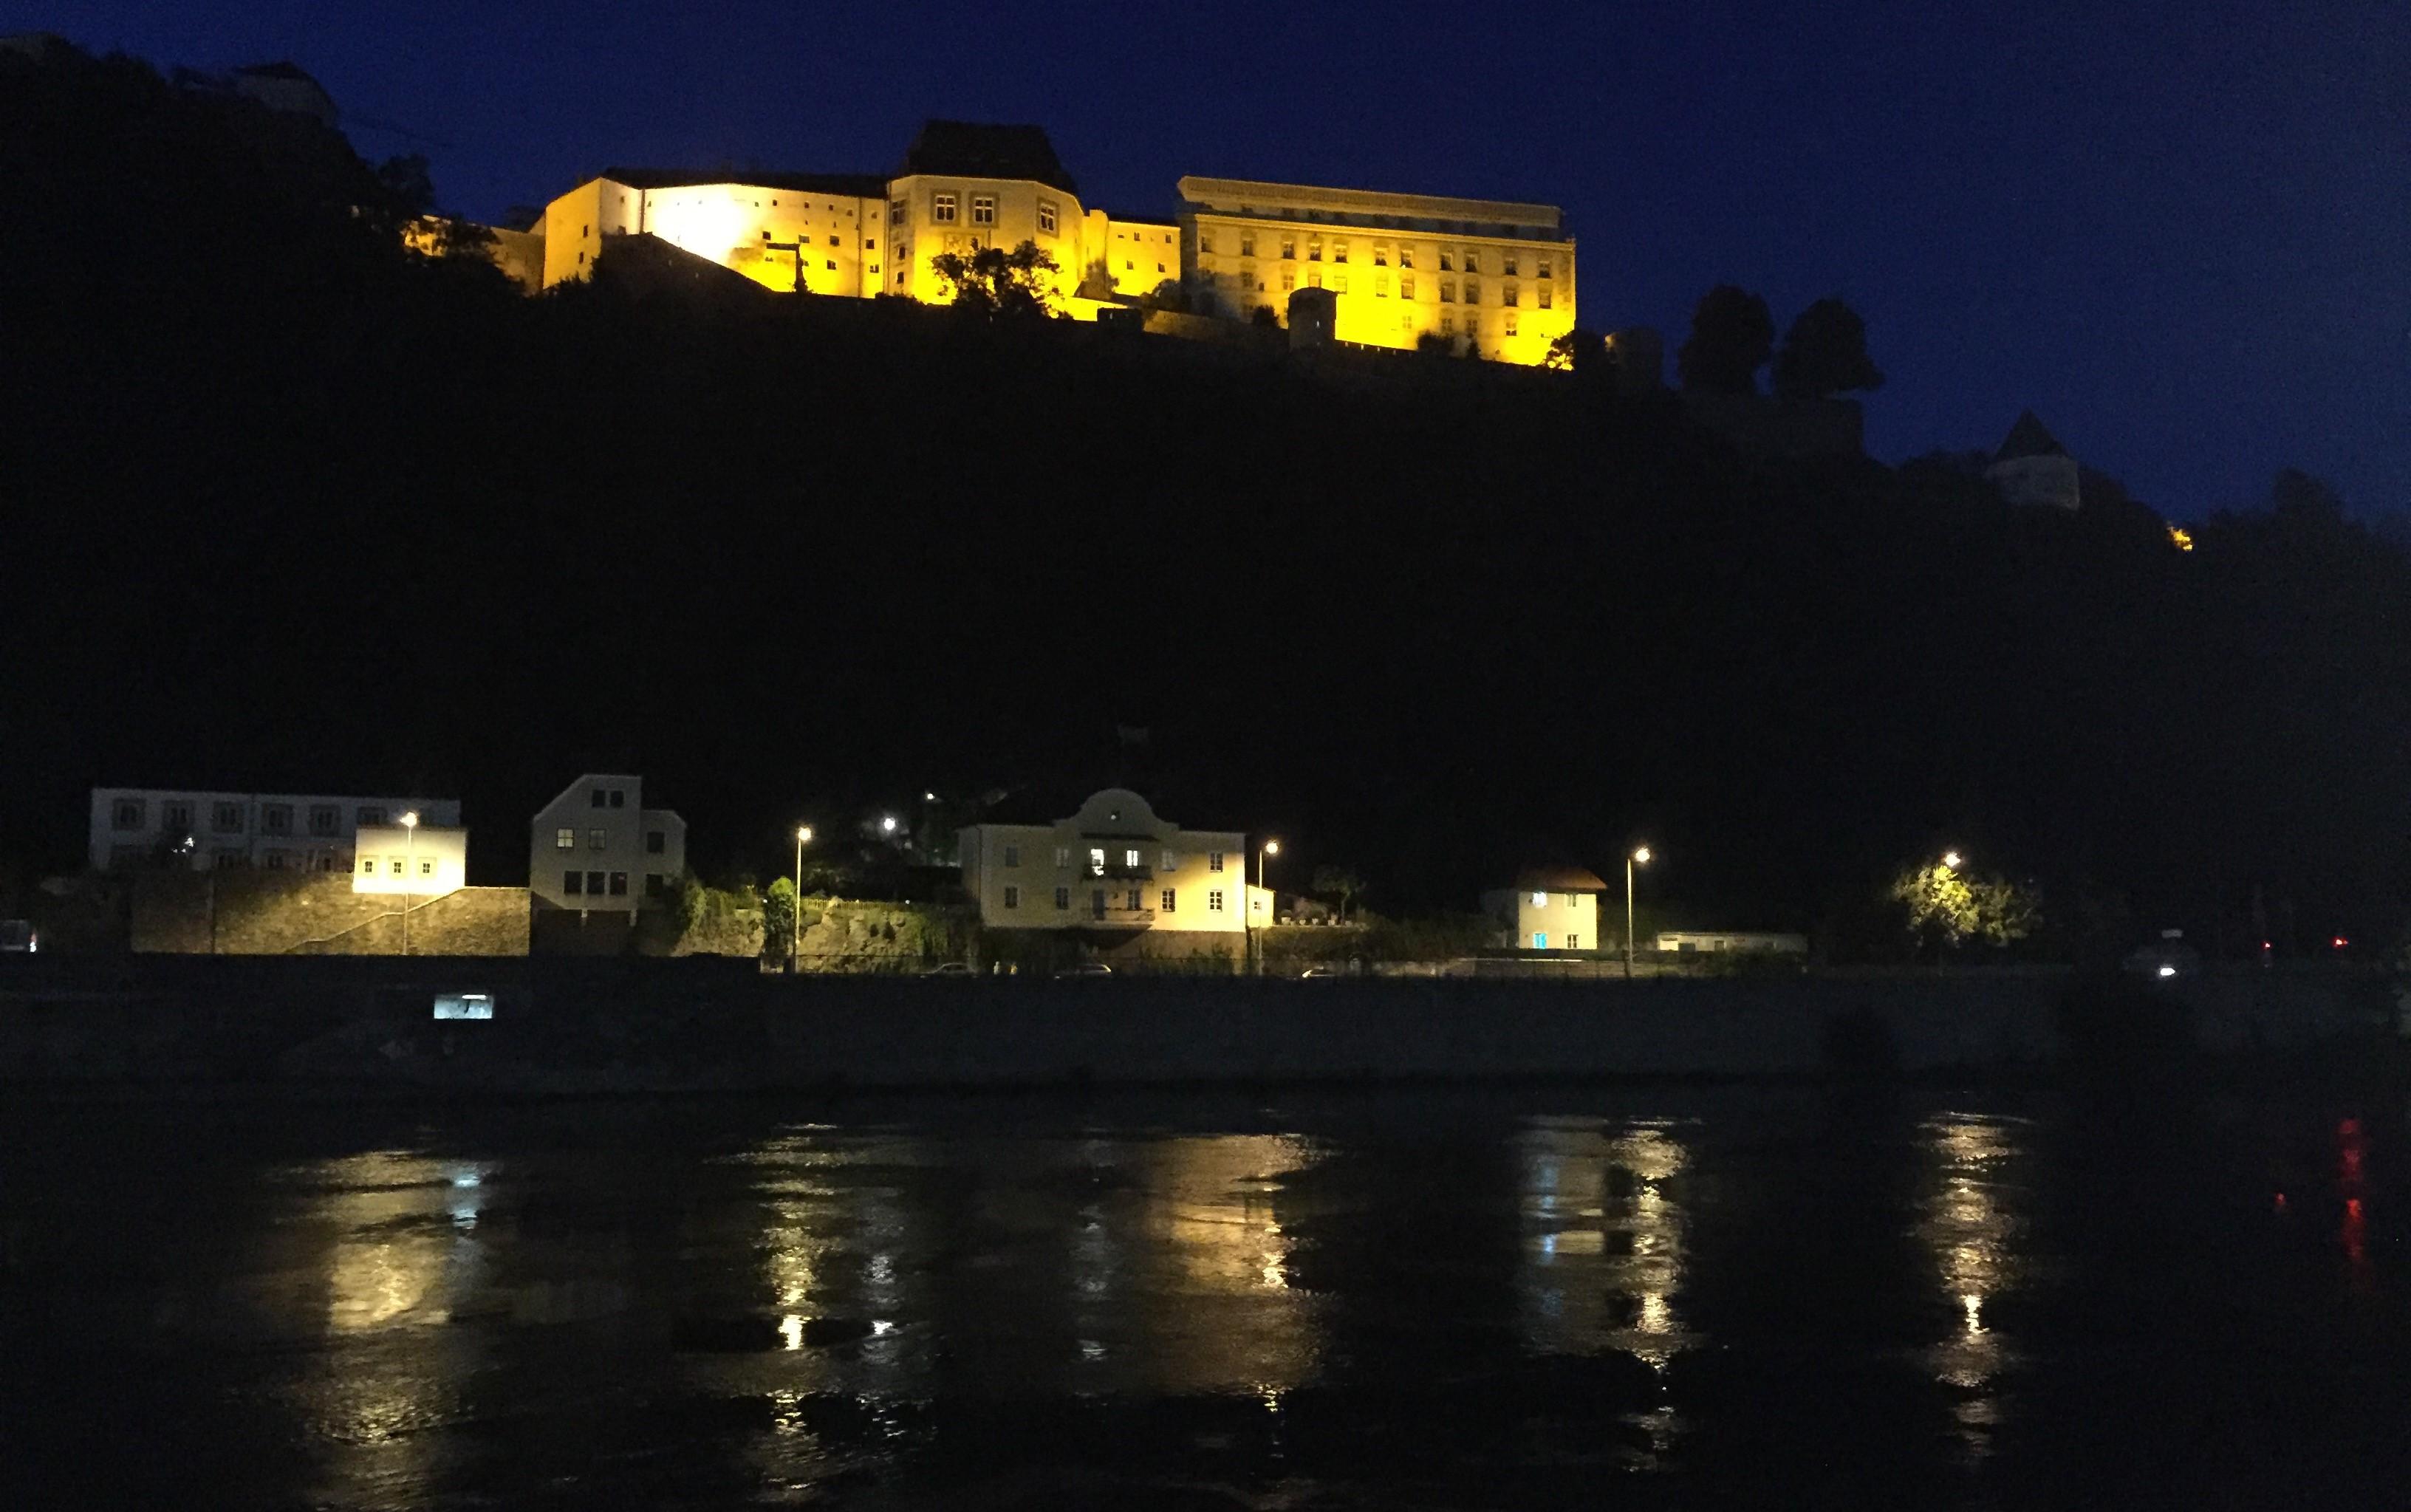 20160813 2 Passau (7)